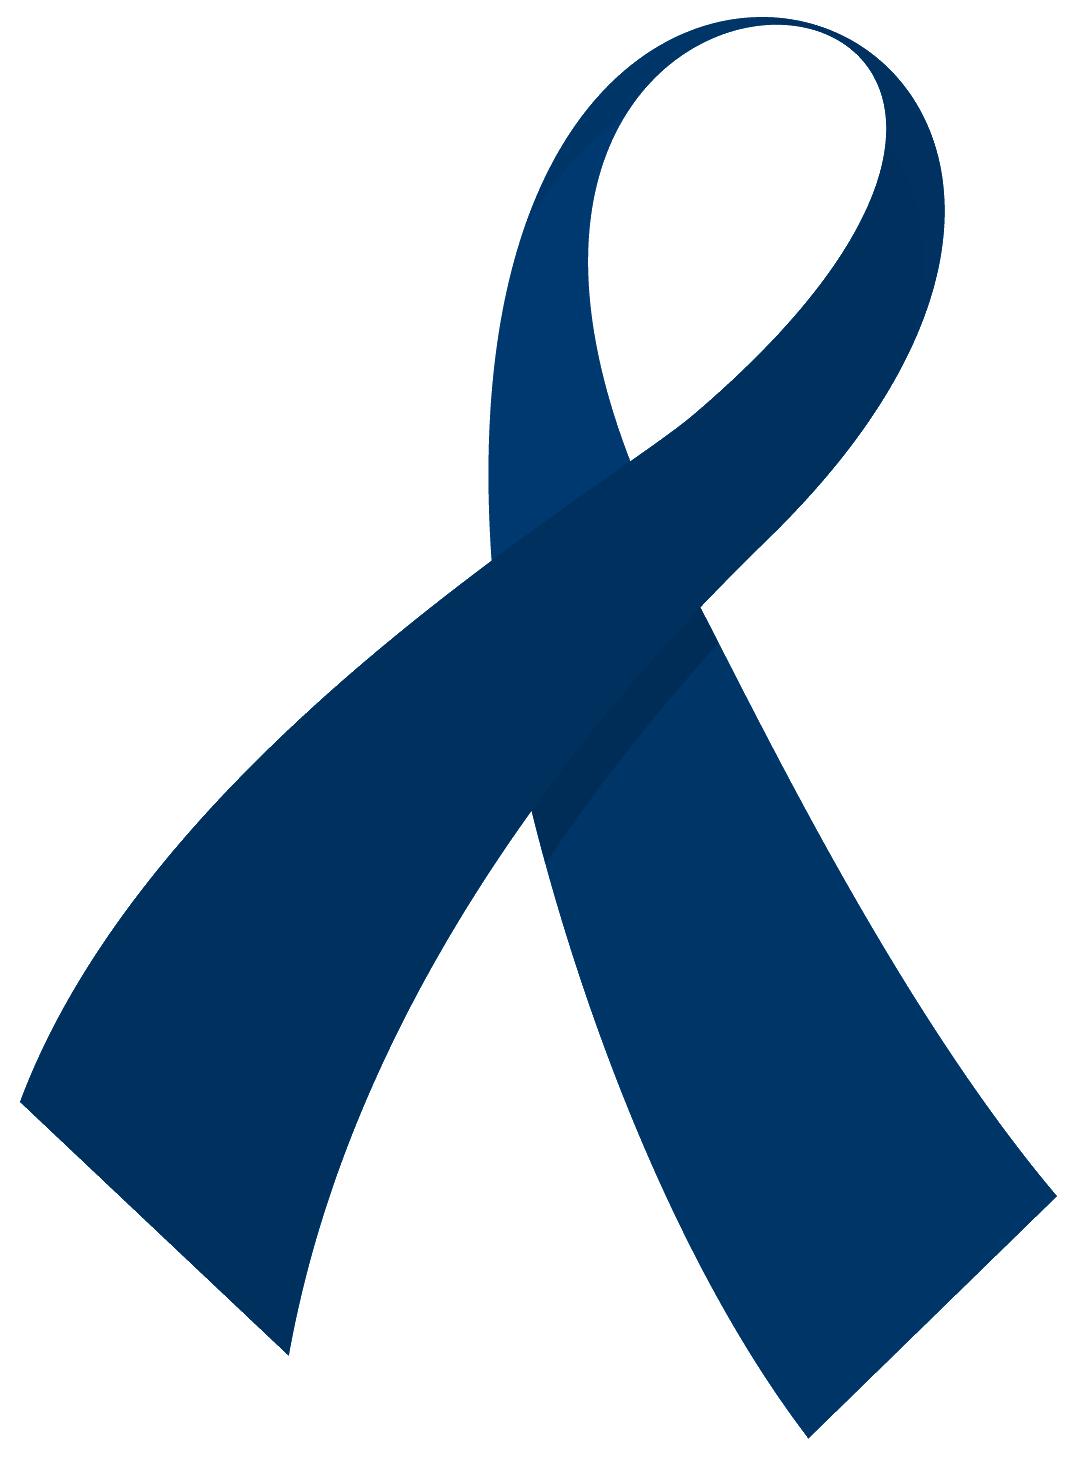 Colon Cancer Ribbon Clip Art ... Colon Cancer Picture | Colon .